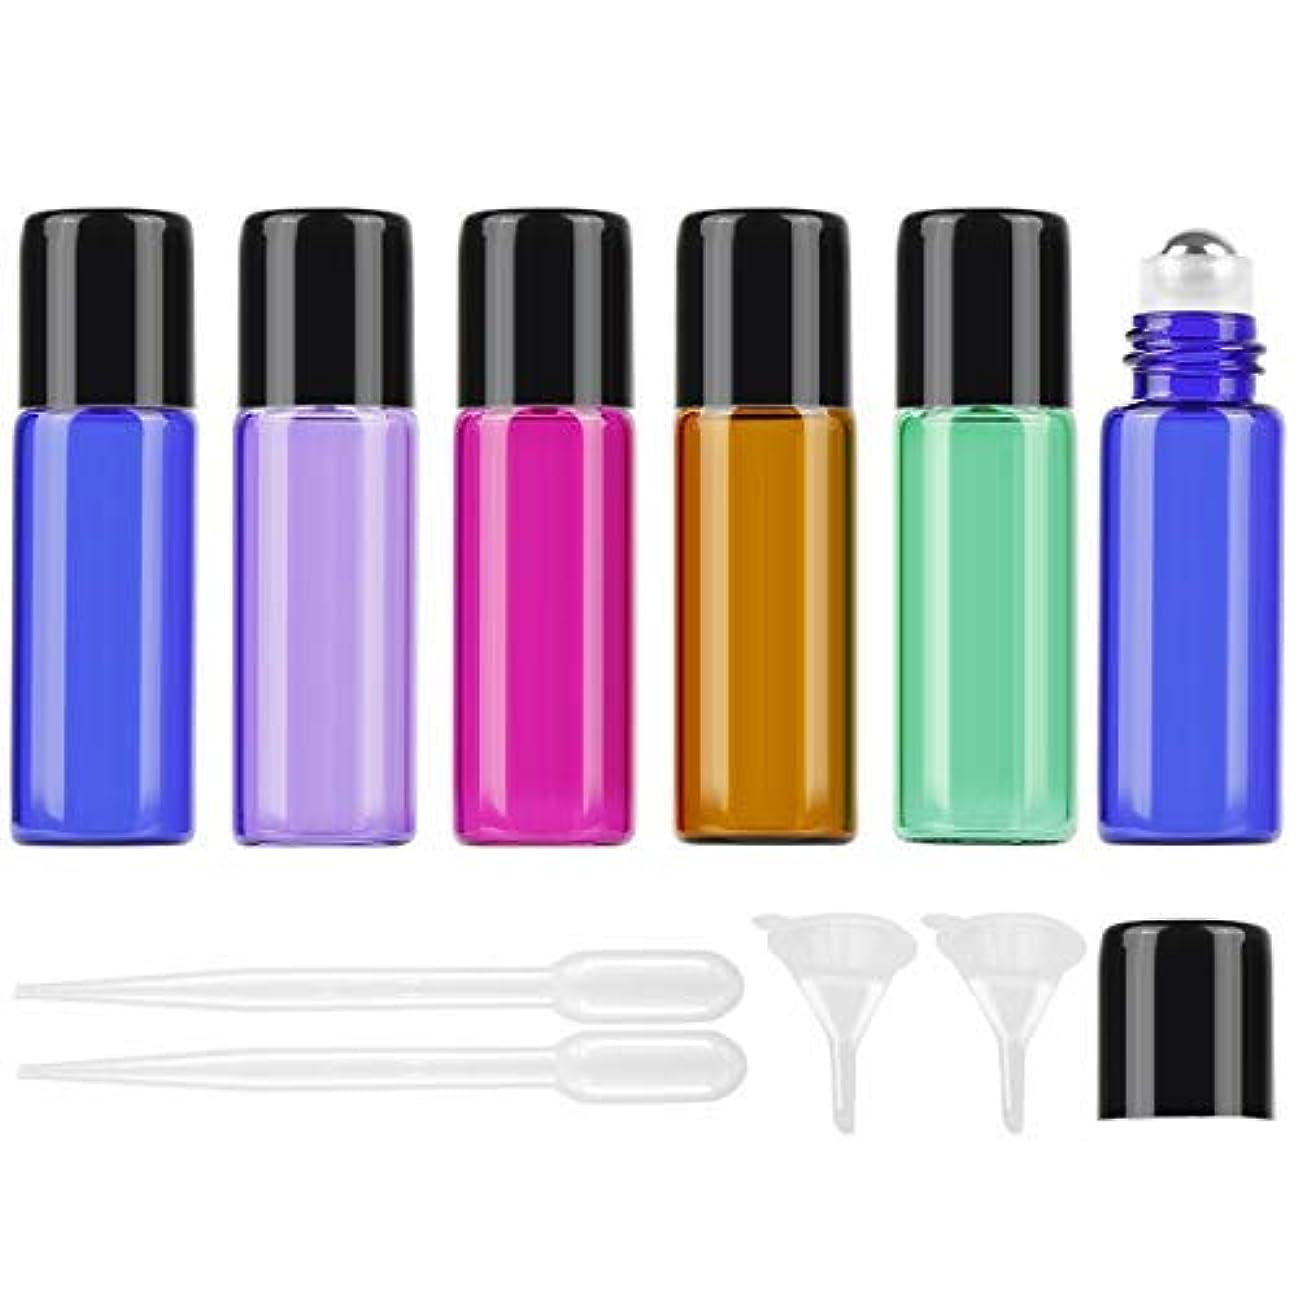 コークス通りジャケット25Pcs 5ml Colored Essential Oil Roller Bottles Vials Glass Cosmetic Travel Containers with Stainless Steel Roller...